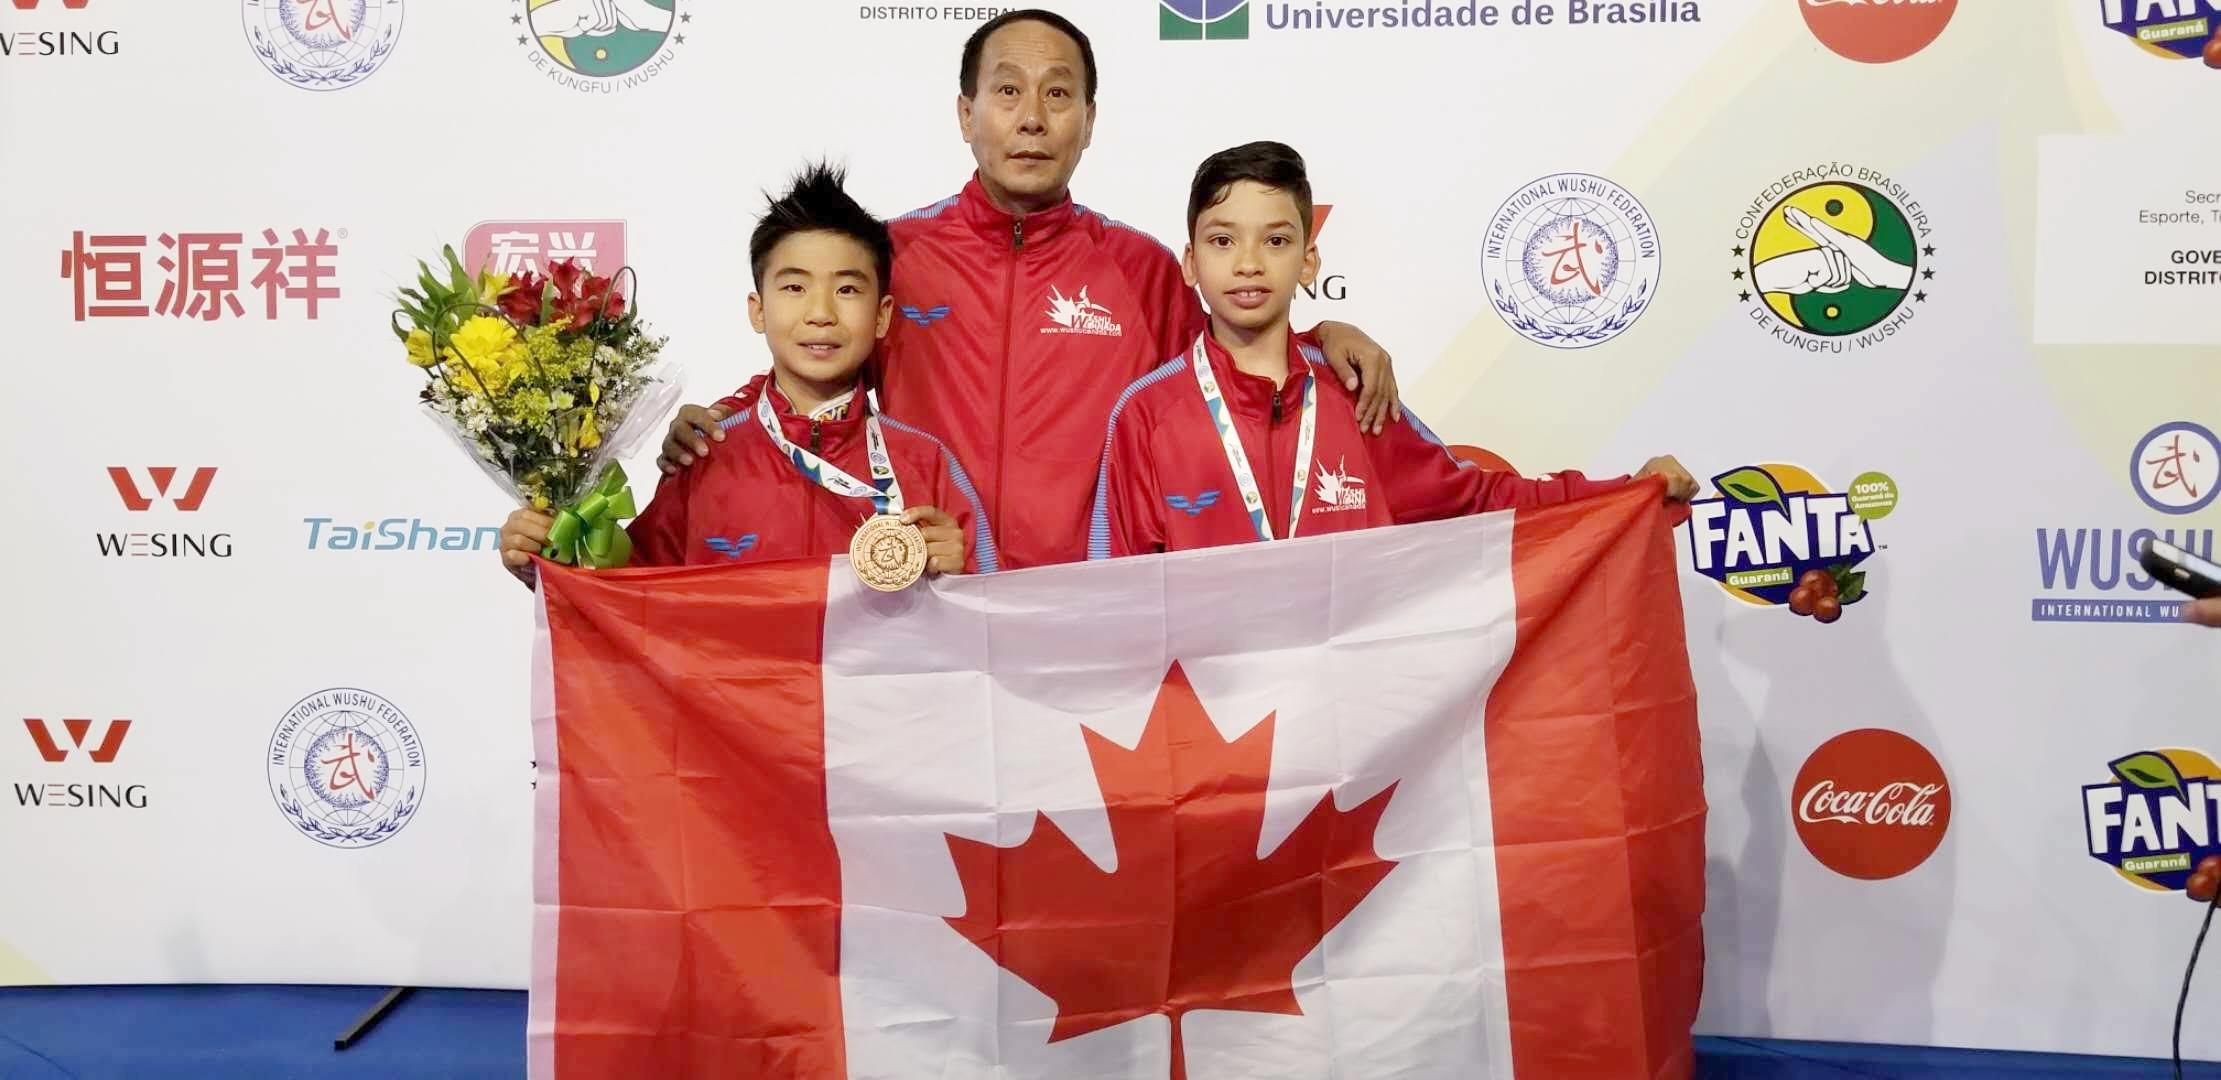 wayland-li-wushu-world-junior-wushu-brazil-team-canada-2018-32.jpg